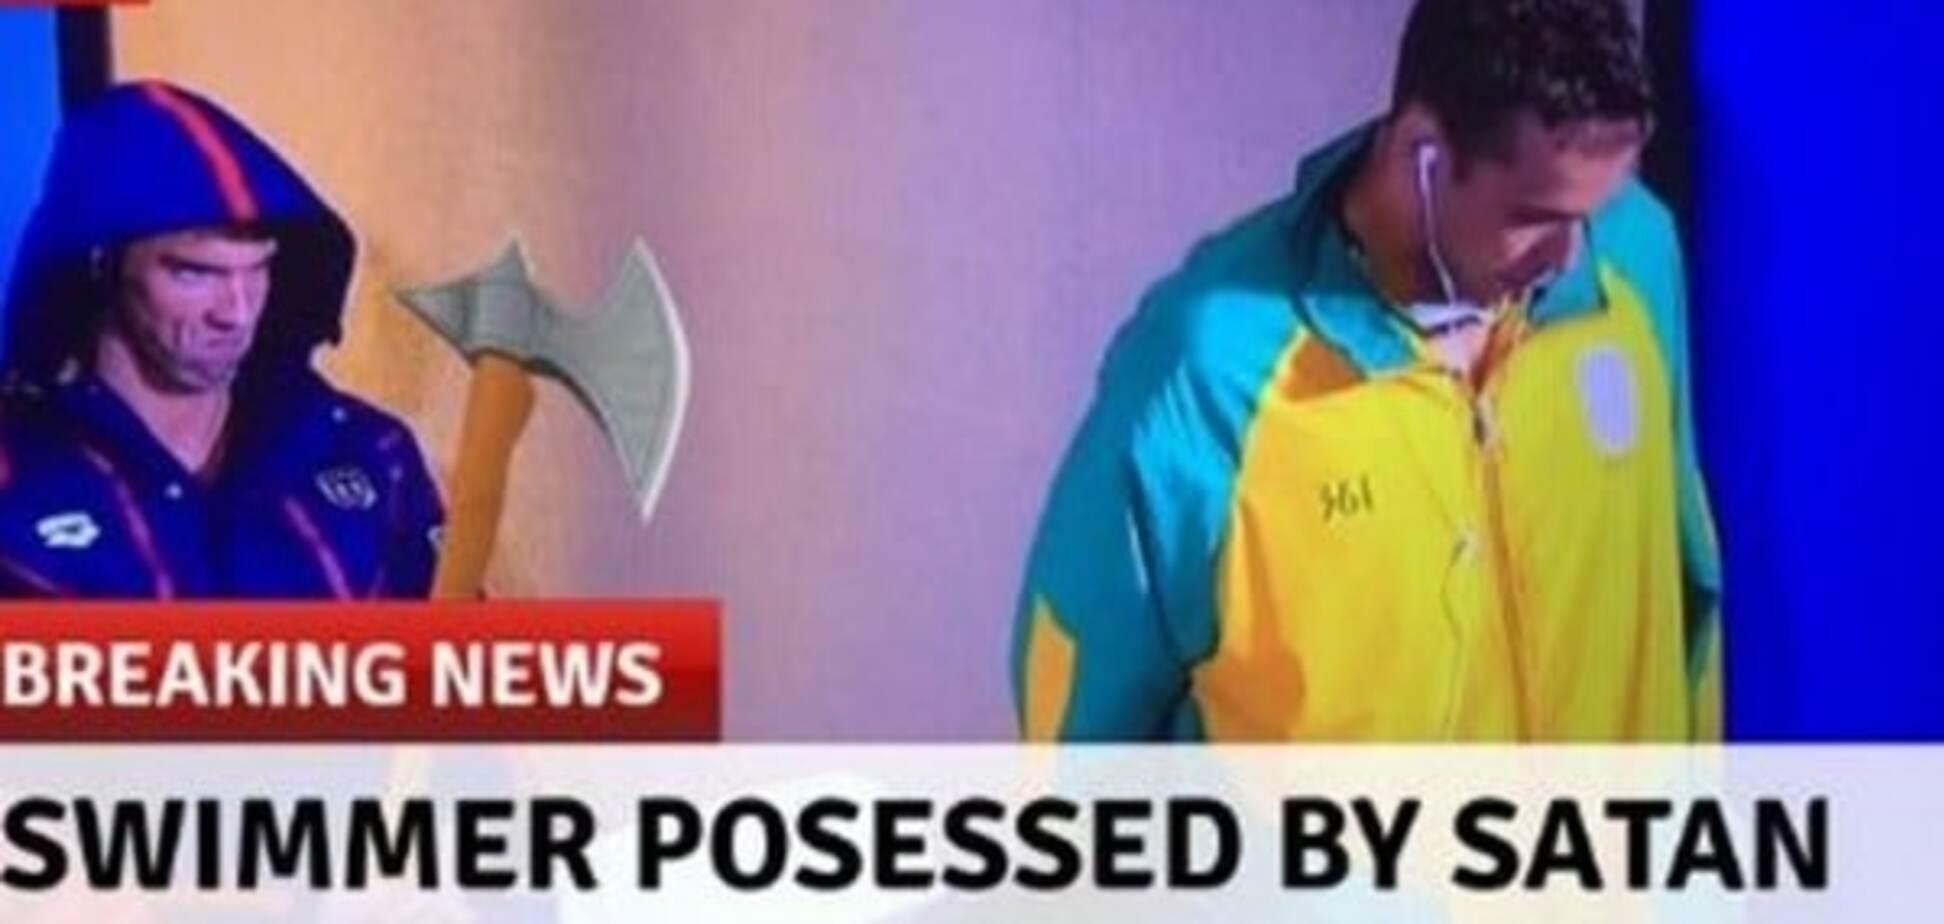 Найтитулованіший спортсмен світу став героєм фотожаб через випадковий кадр на Олімпіаді